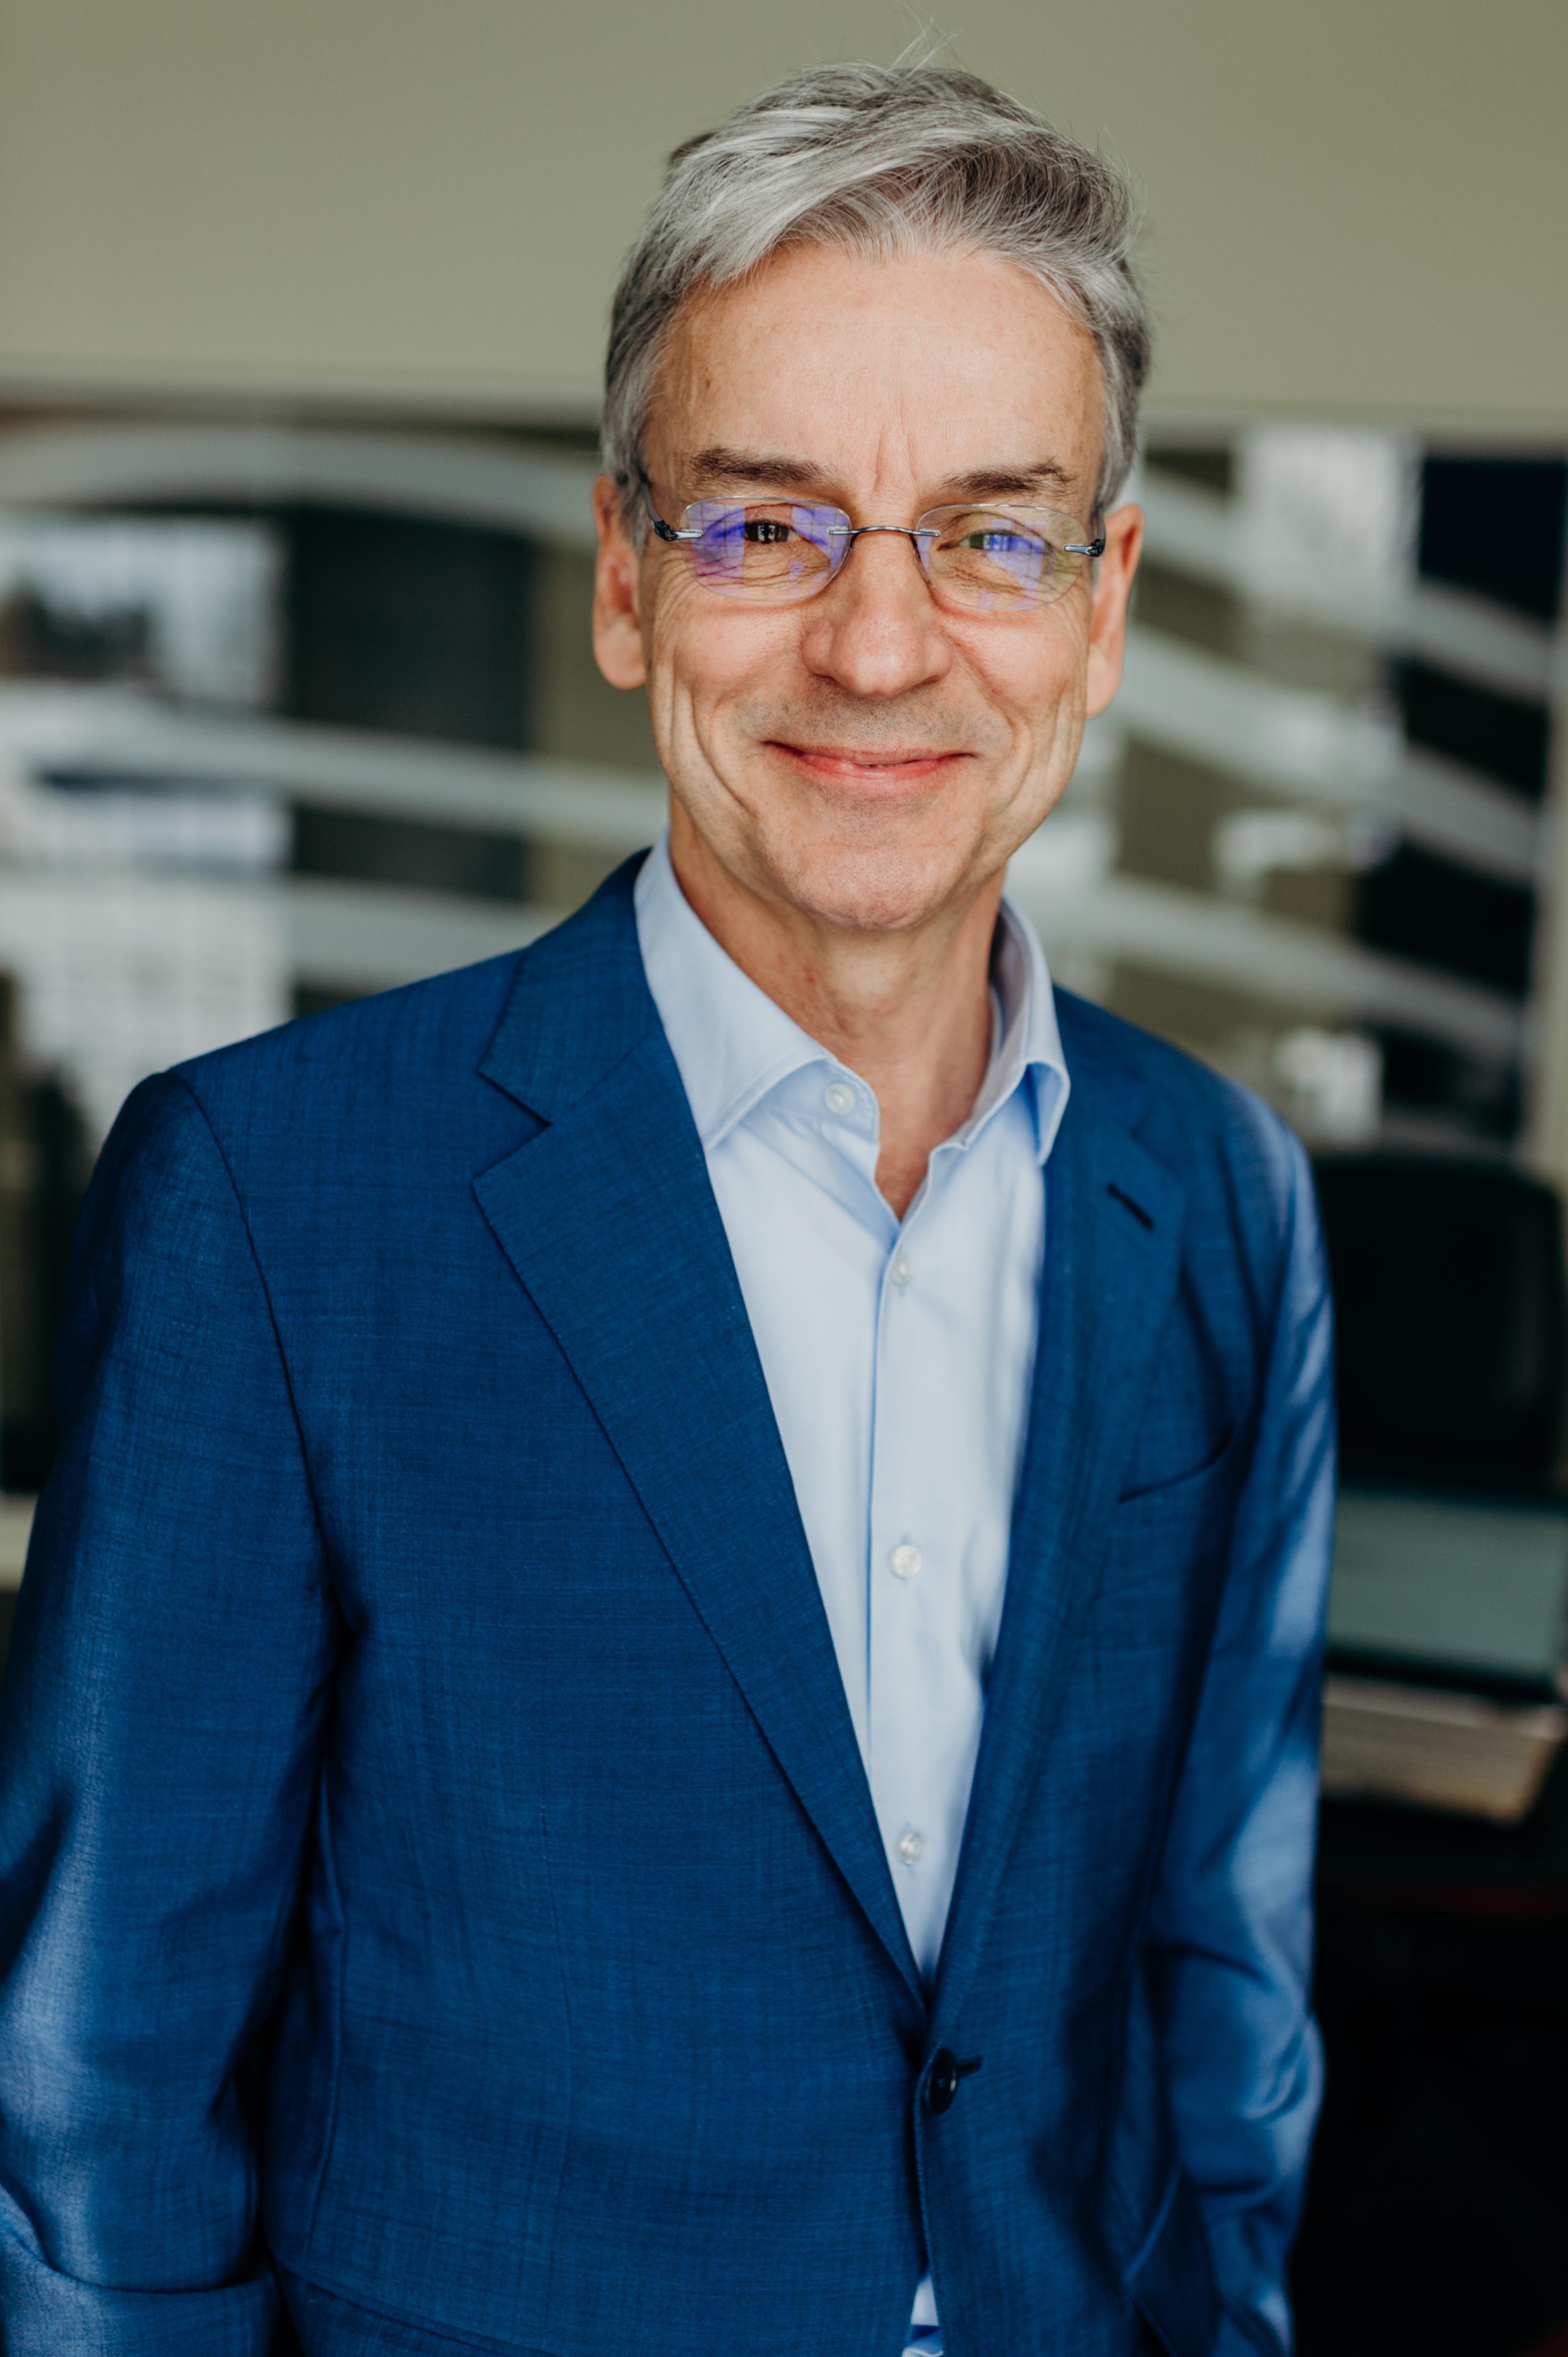 Jean Boutin, President & Founder